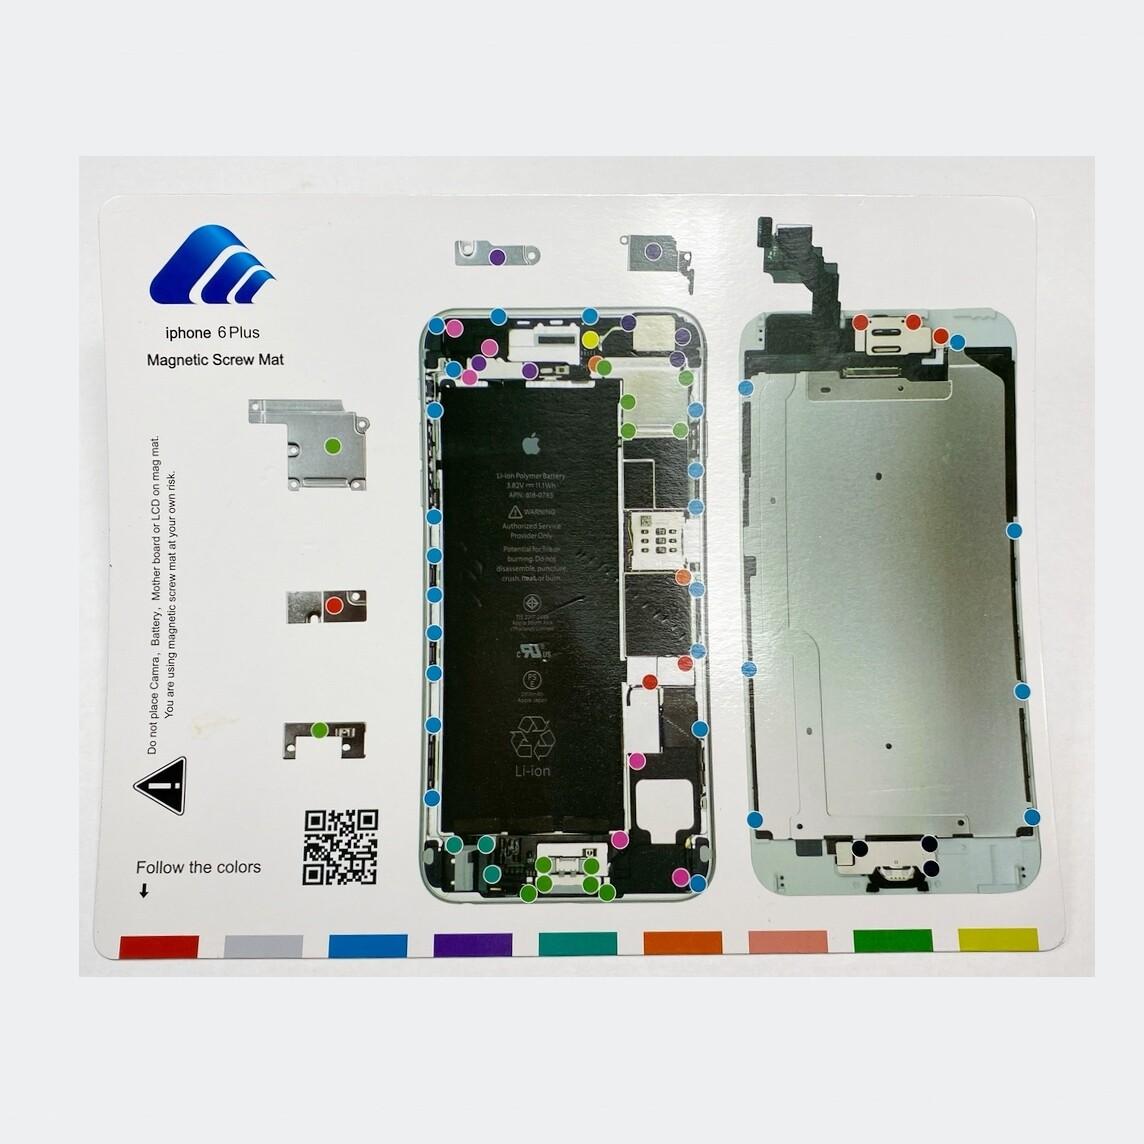 Pad magnético estilo  iPhone 6 plus